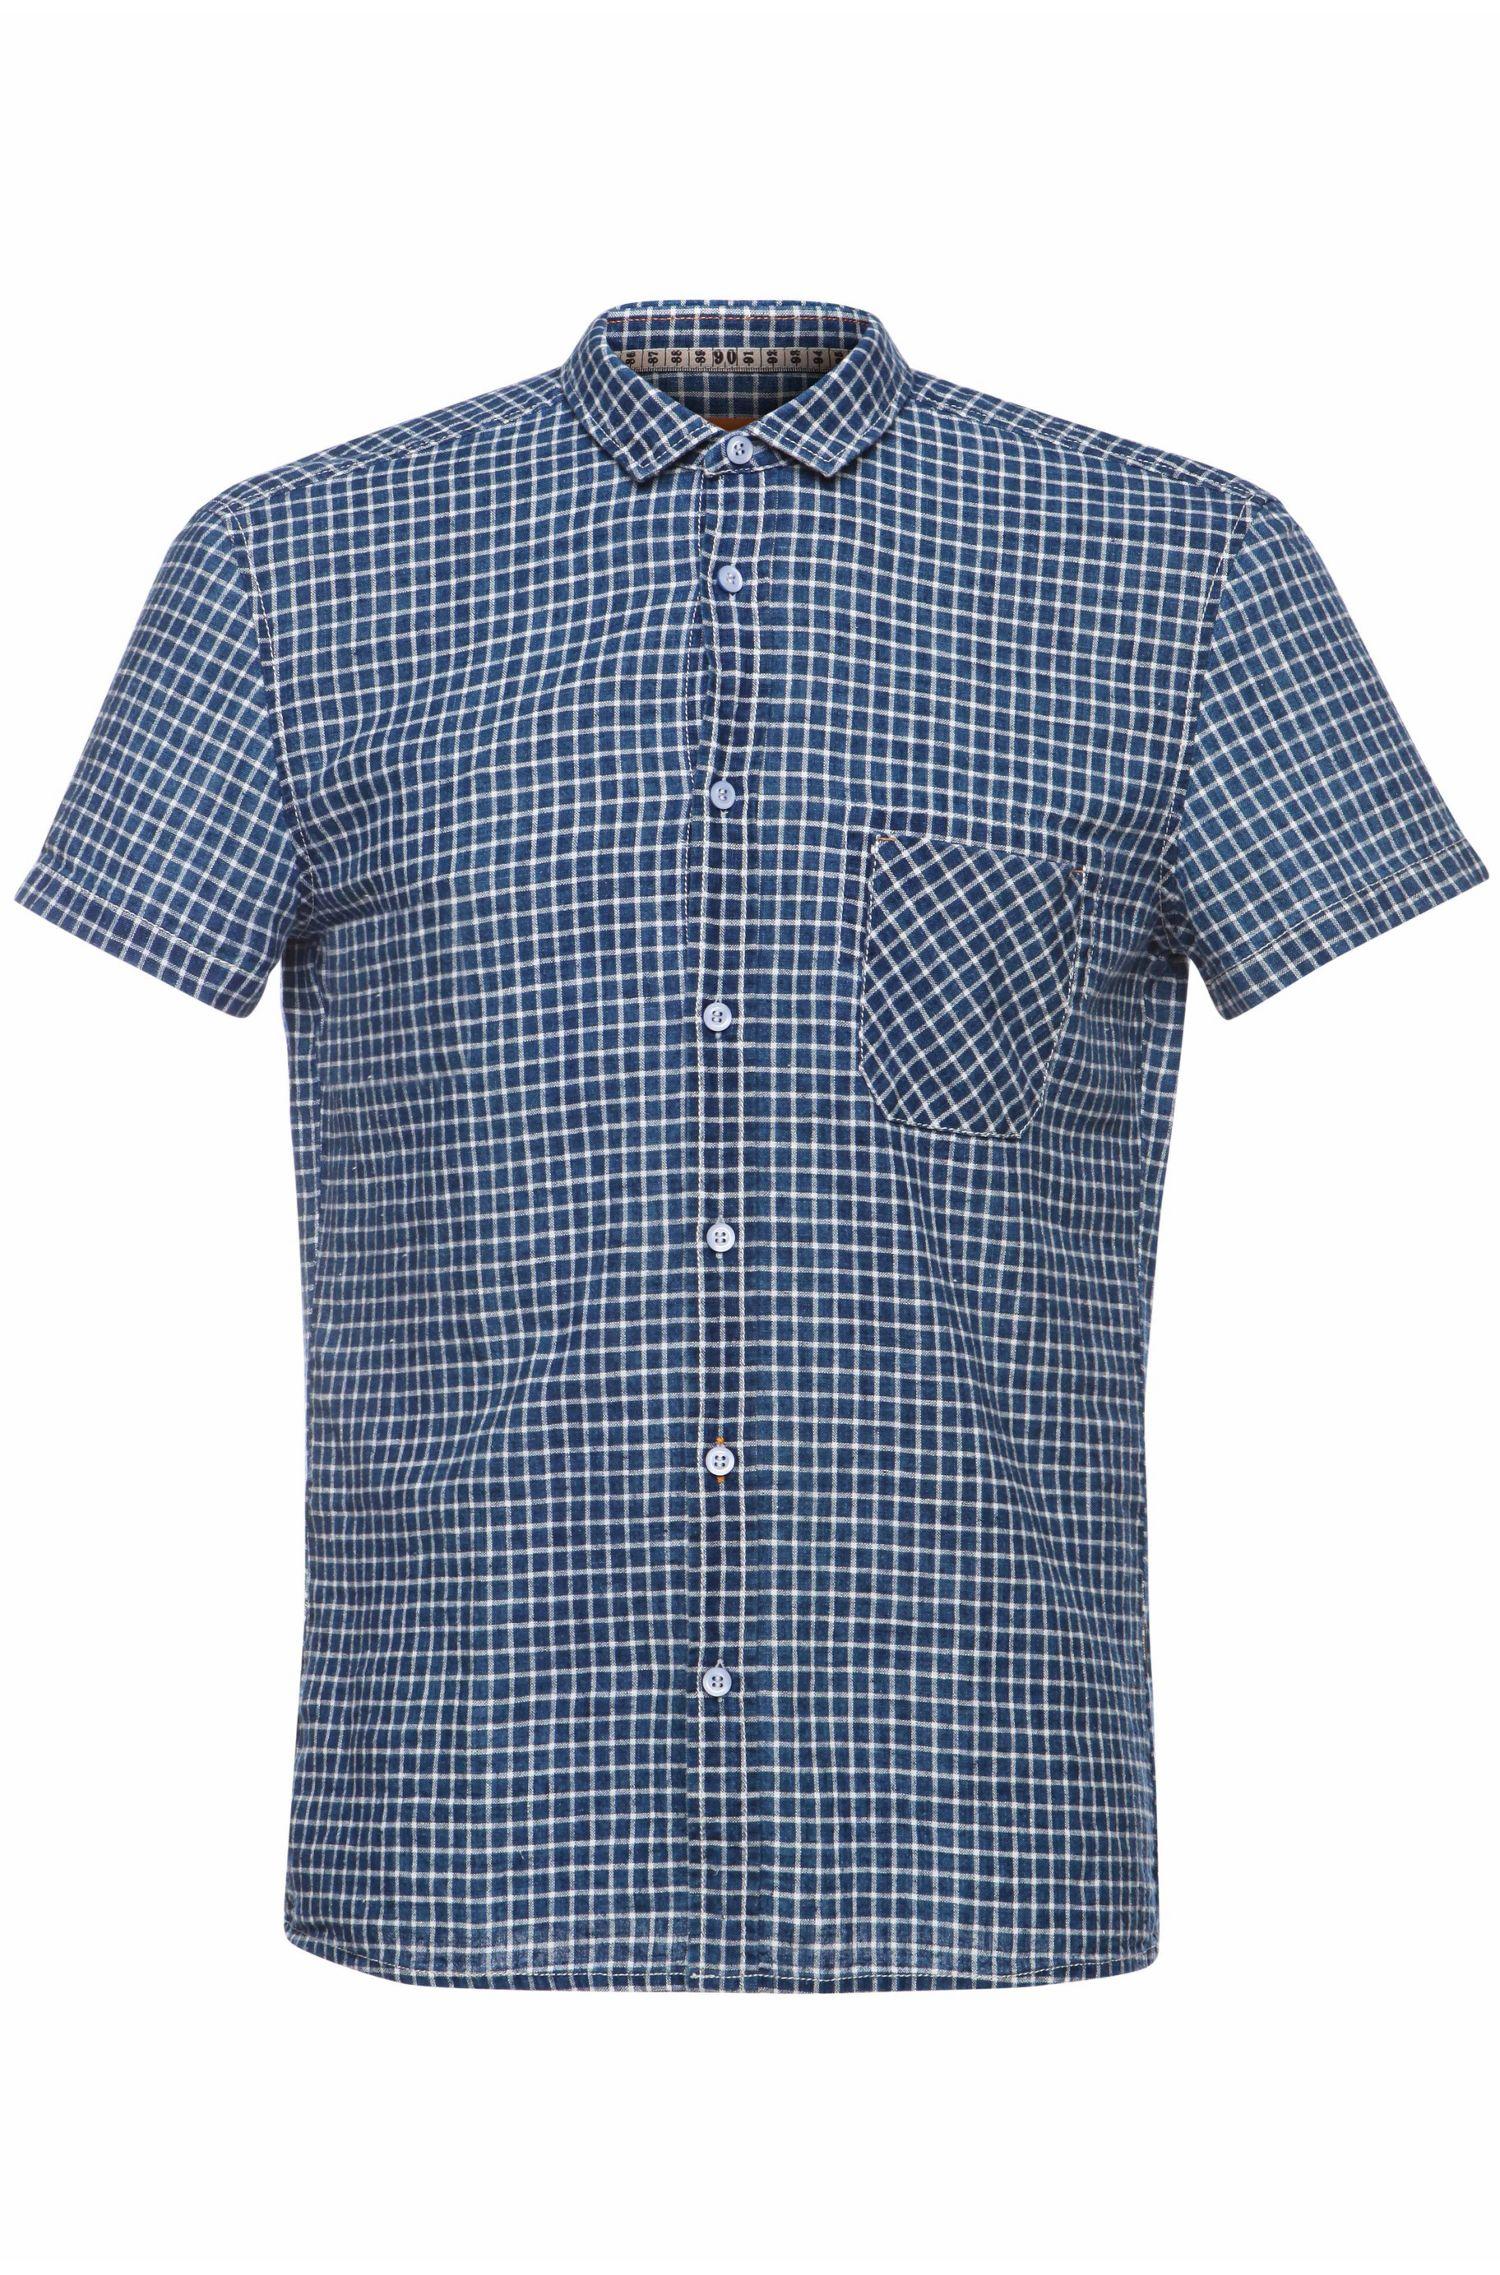 'EzippoE' | Regular Fit, Linen Cotton Button Down Shirt